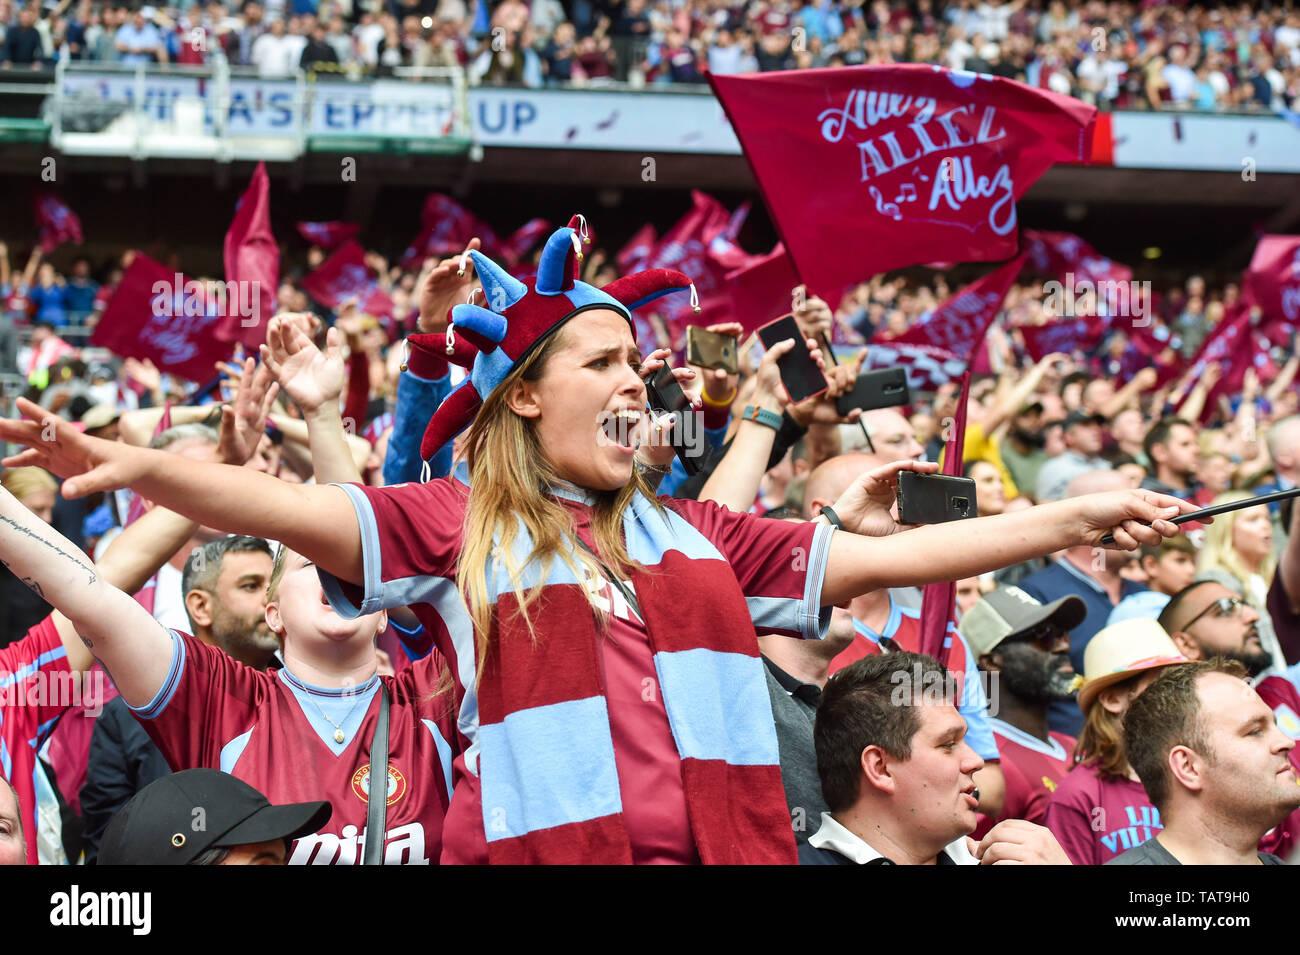 El Aston Villa fans celebran ganar la apuesta del cielo EFL Play-Off  partido final del campeonato entre el Aston Villa y el condado de Derby en  el estadio de Wembley , Londres ,